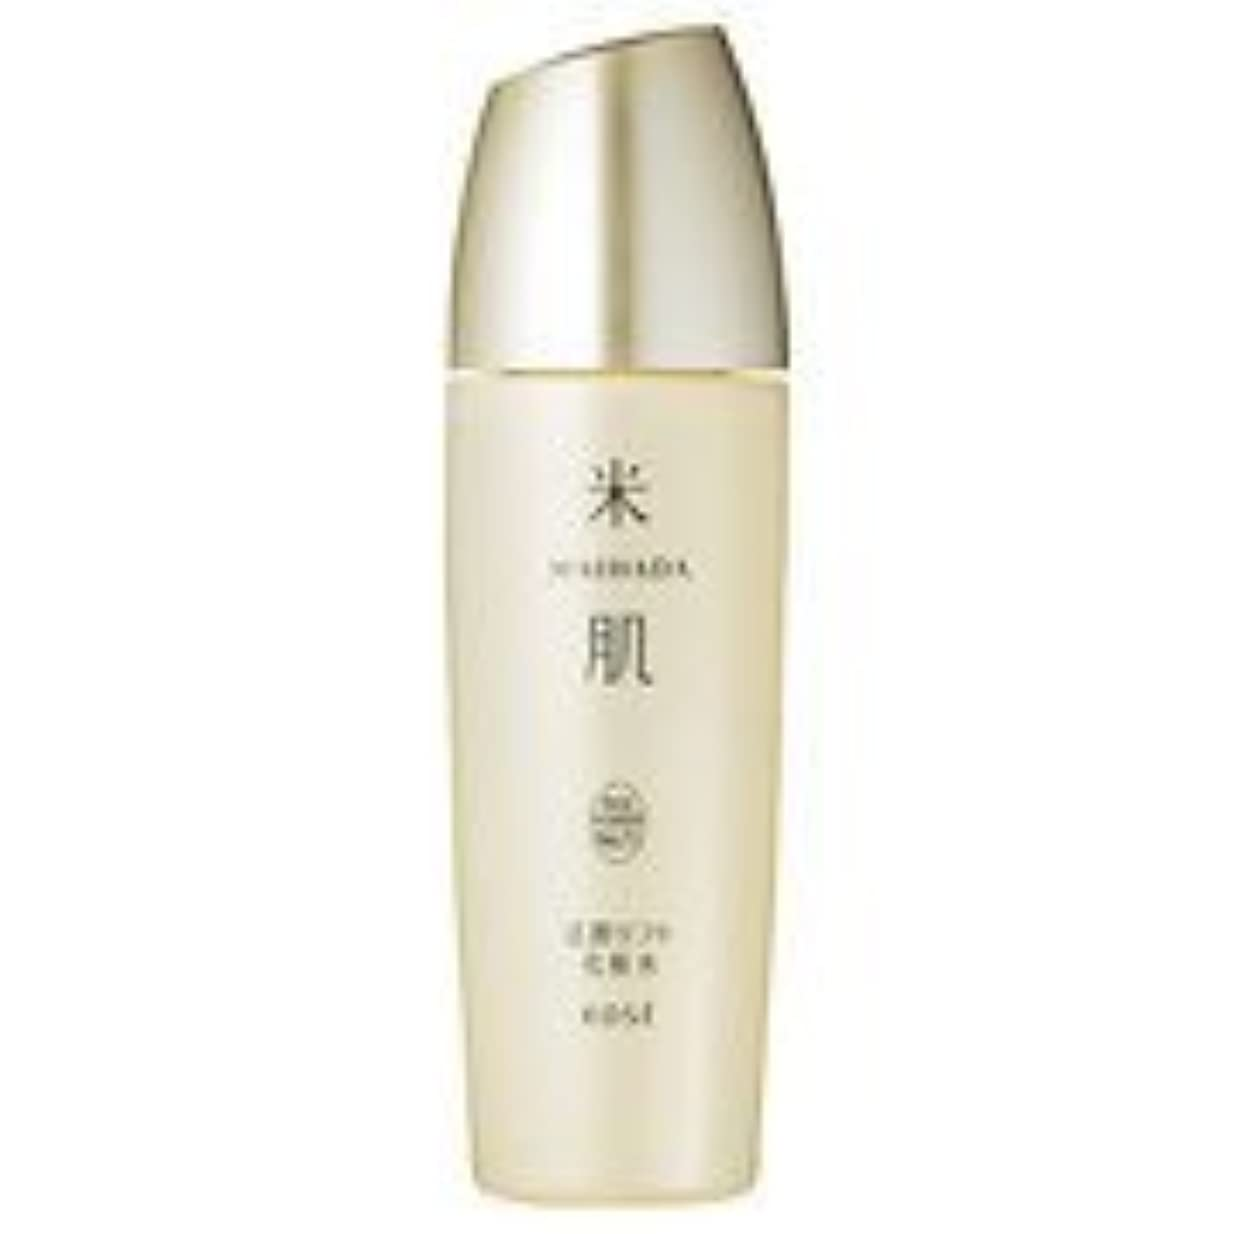 証明書不透明な研究所米肌(MAIHADA) 活潤リフト 化粧水 120ml